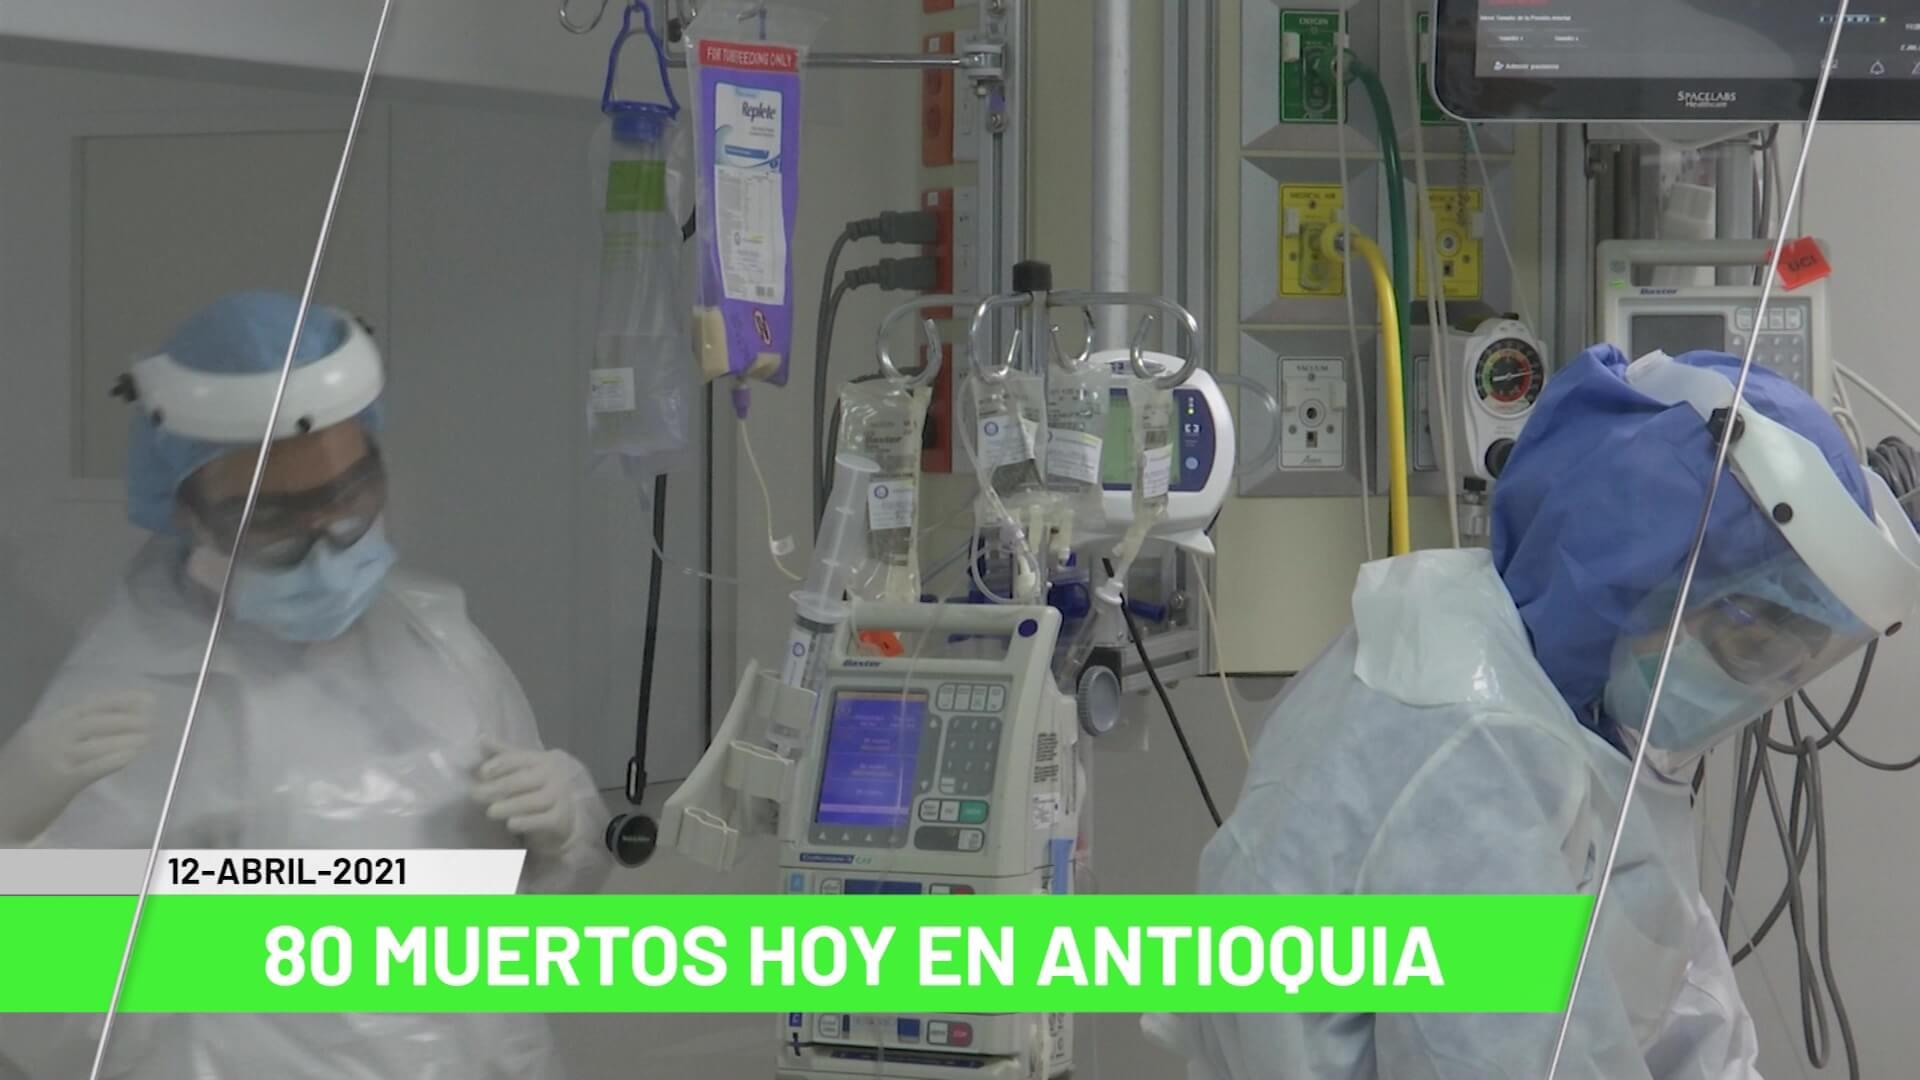 Titulares de Teleantioquia Noticias - lunes 12 de abril de 2021